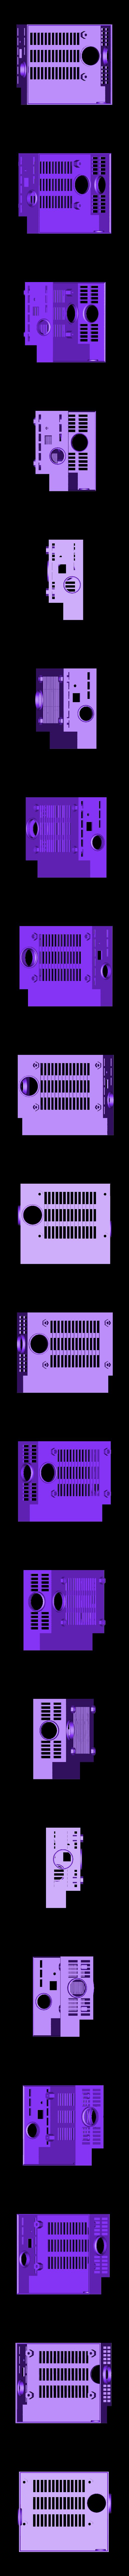 Prusa_Rambo_box.stl Download free STL file Original Prusa MK2-MK3 enclosure box • 3D printing design, Lammesky